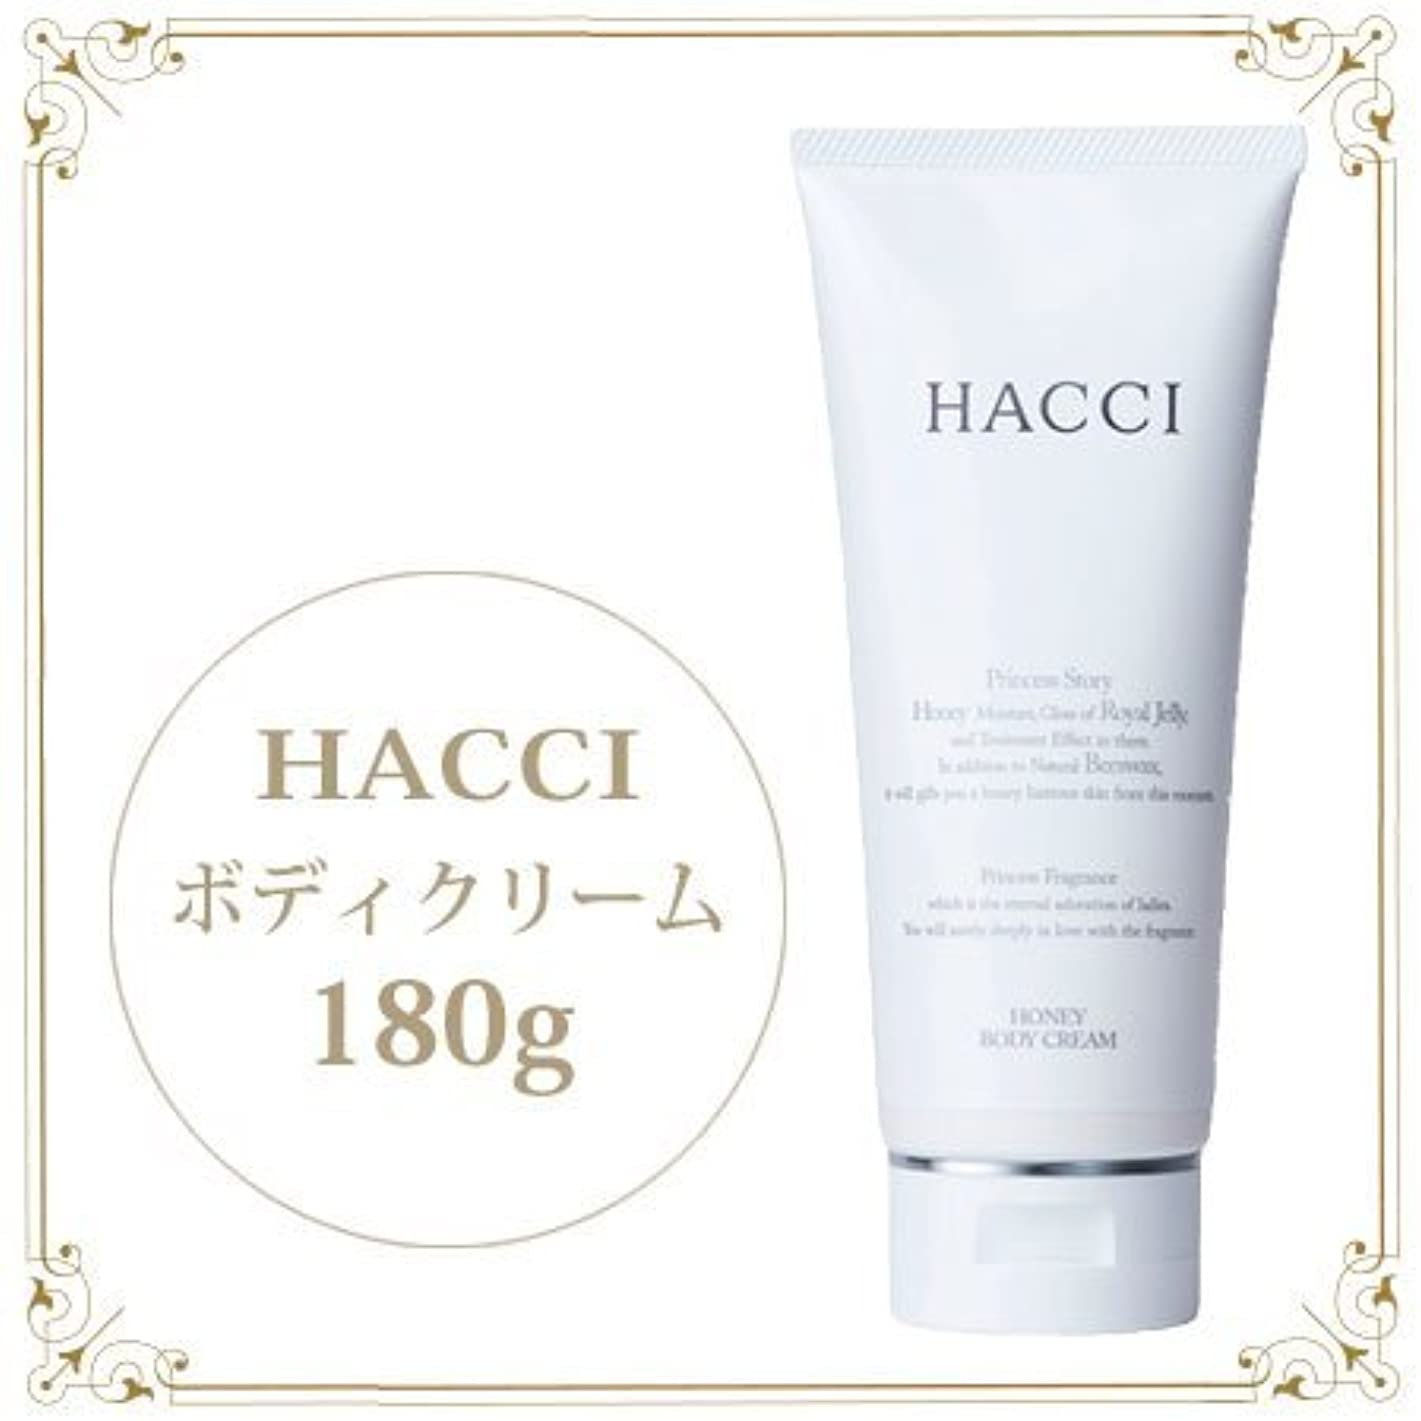 ゴネリル触手日焼けハッチ ボディクリーム 180g -HACCI 1912-